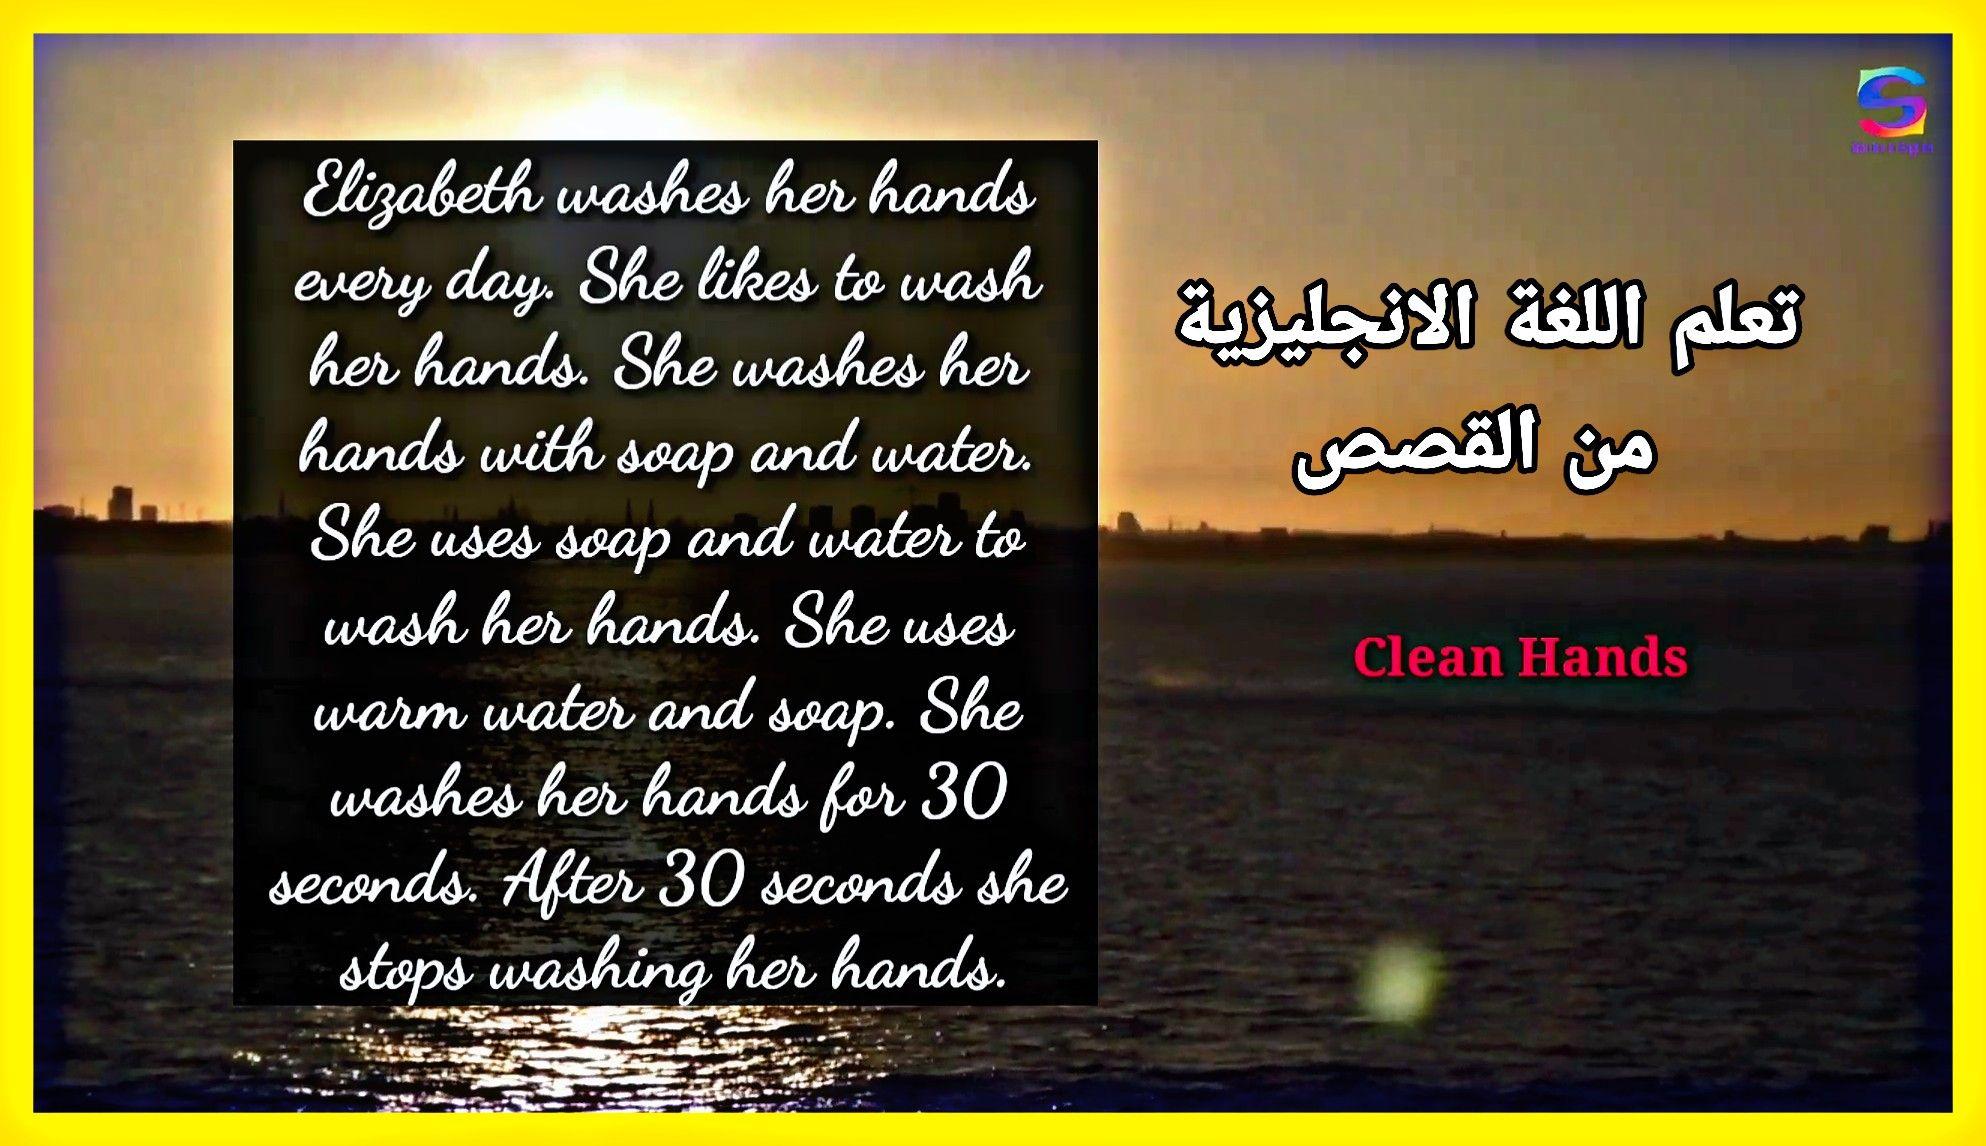 قصة سهلة لتعلم اللغة الانجليزية للمبتدئين بطريقة مدهشة و فعالة جدا لتعلم اللغة الانجليزية Clean Hands Warm Water Hand Warmers